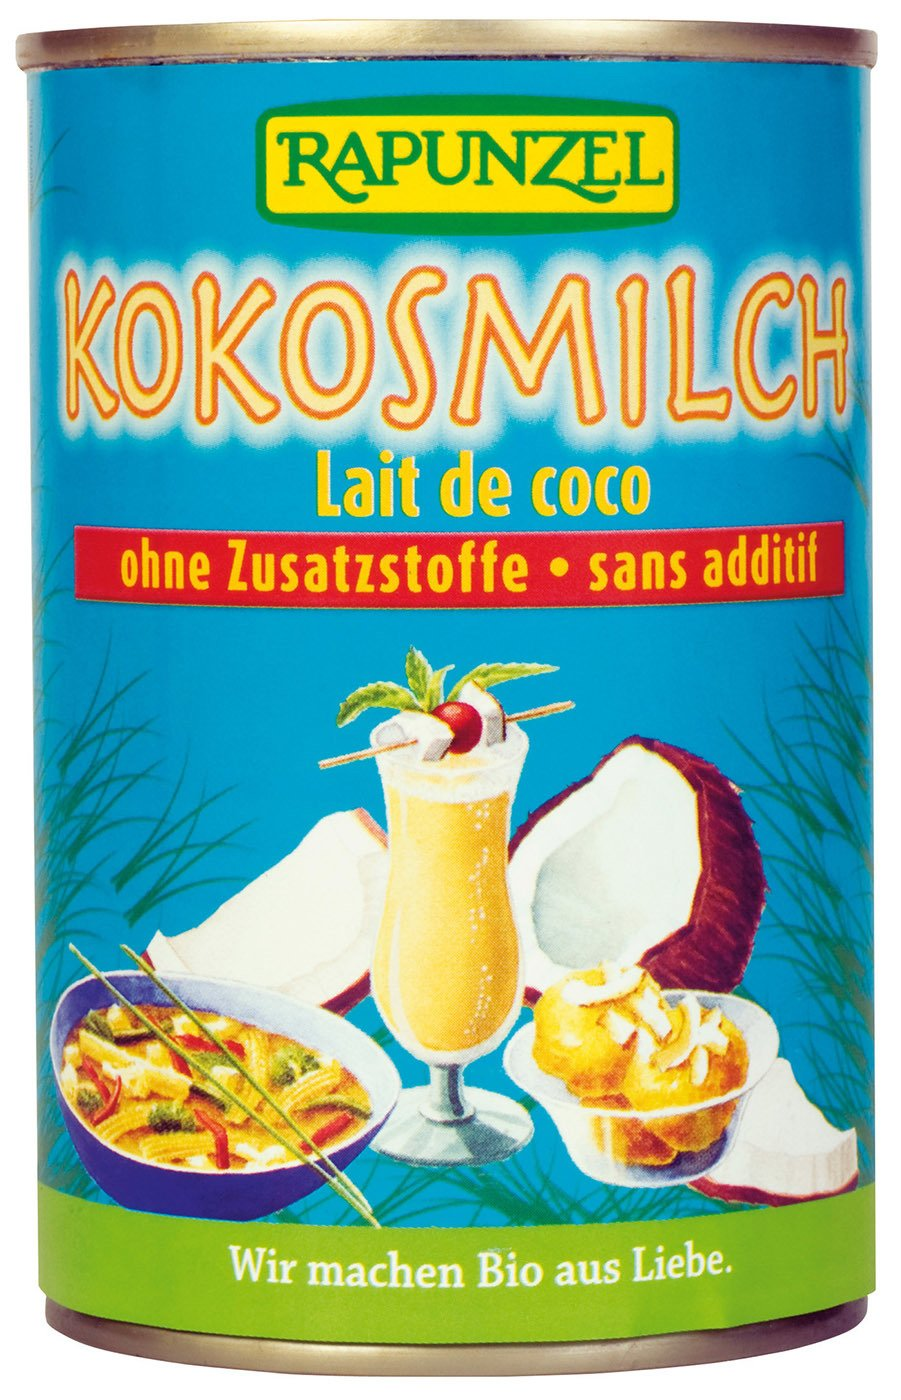 Leche de coco Rapunzel bio (1 x 400 ml): Amazon.es: Alimentación y bebidas